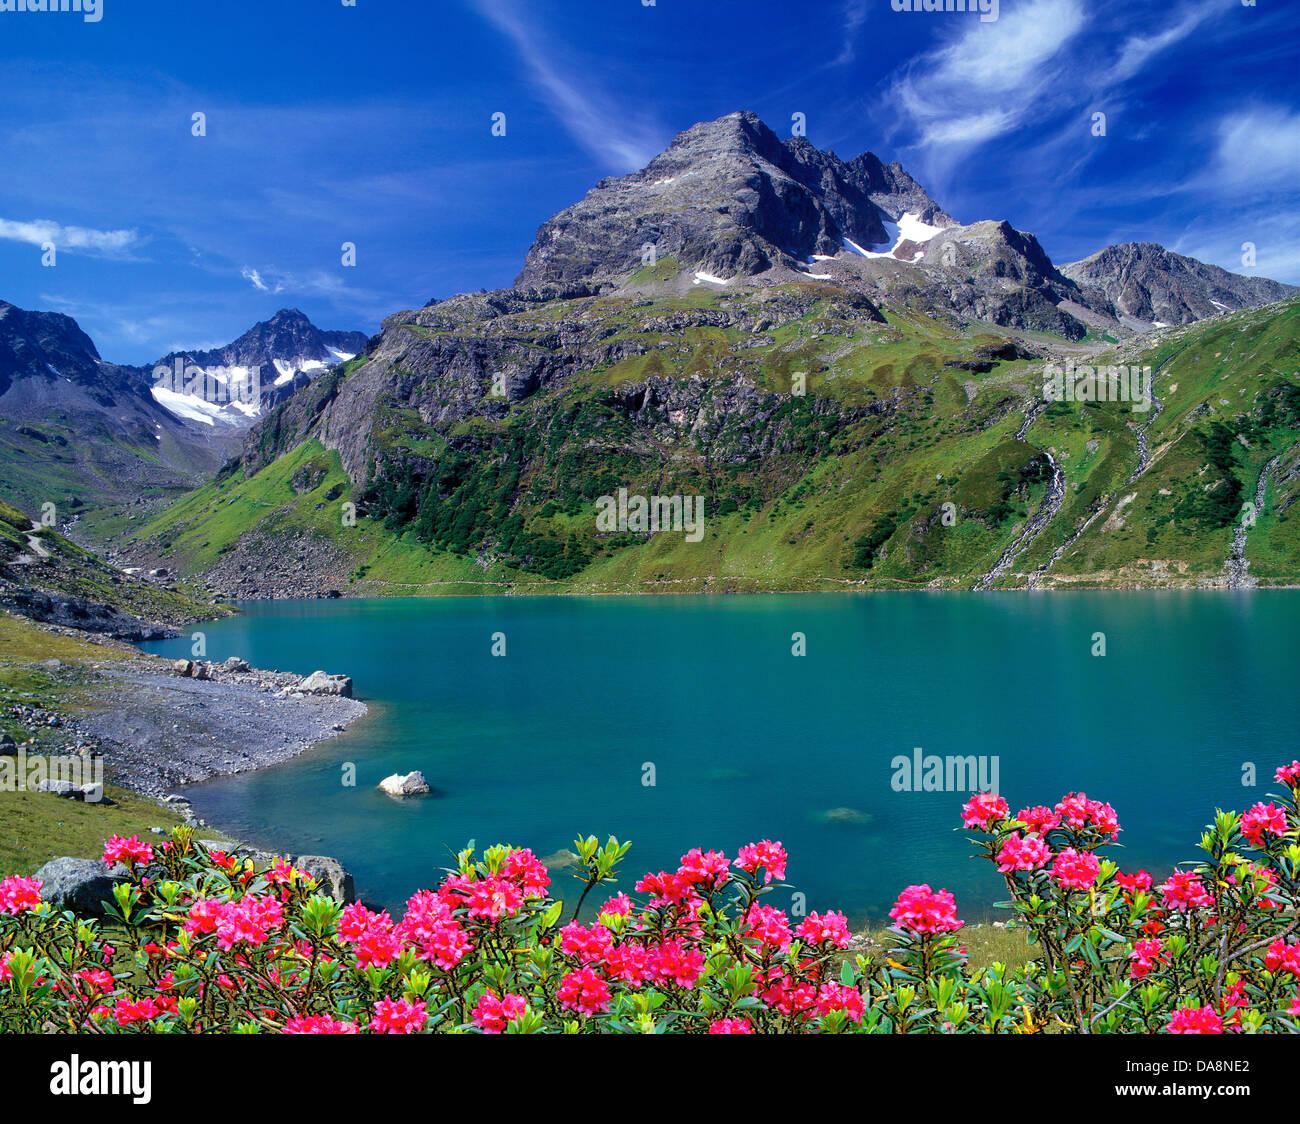 Austria, Europa Tyrol, St. Anton am Arlberg, lago di cartello, Küchelspitze, Faselfadspitzen, lago di montagna, Immagini Stock